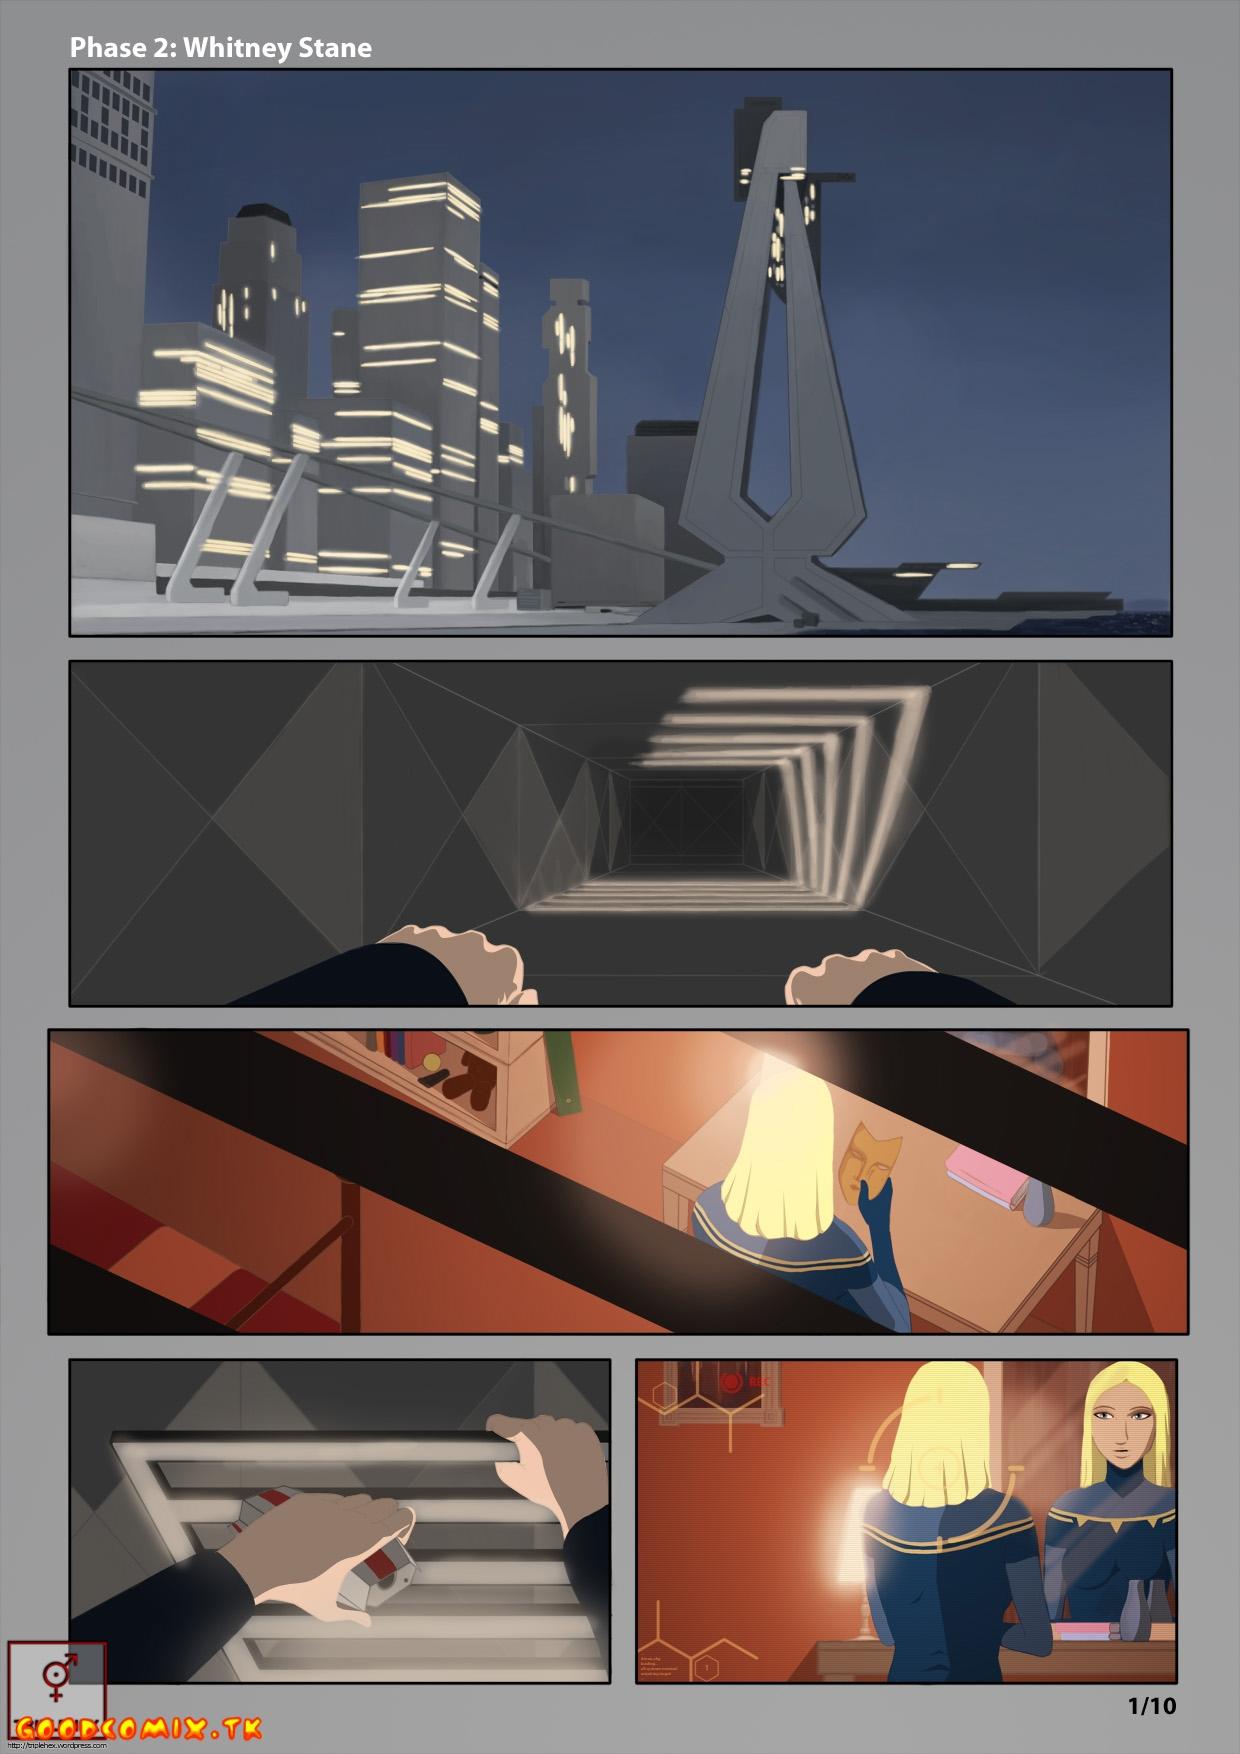 Goodcomix.tk Iron Man - [Triplehex] - Armored Adventures - Phase 2 - Whitney Stane